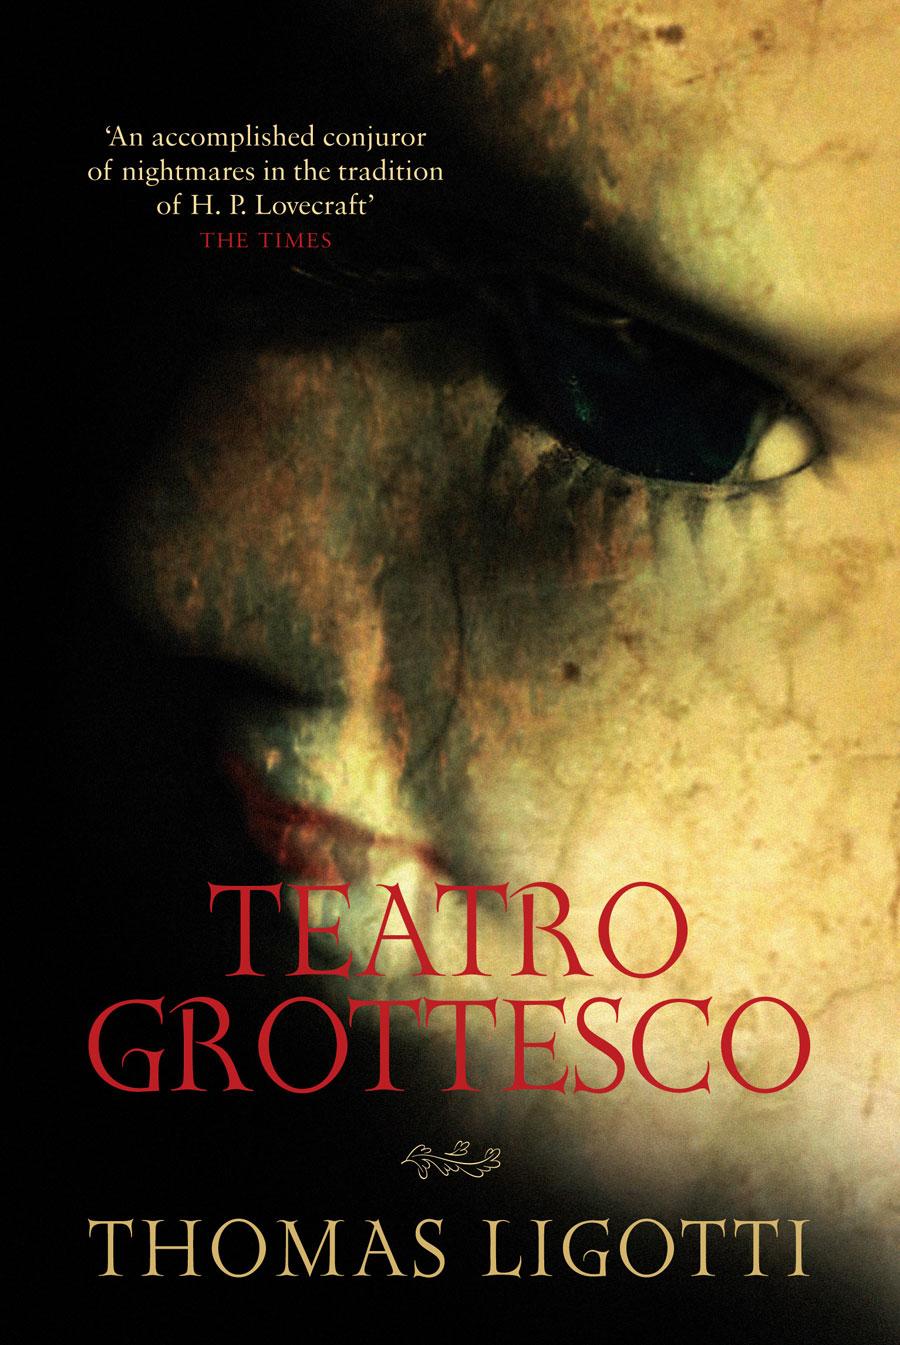 teatro-grottesco1.jpg